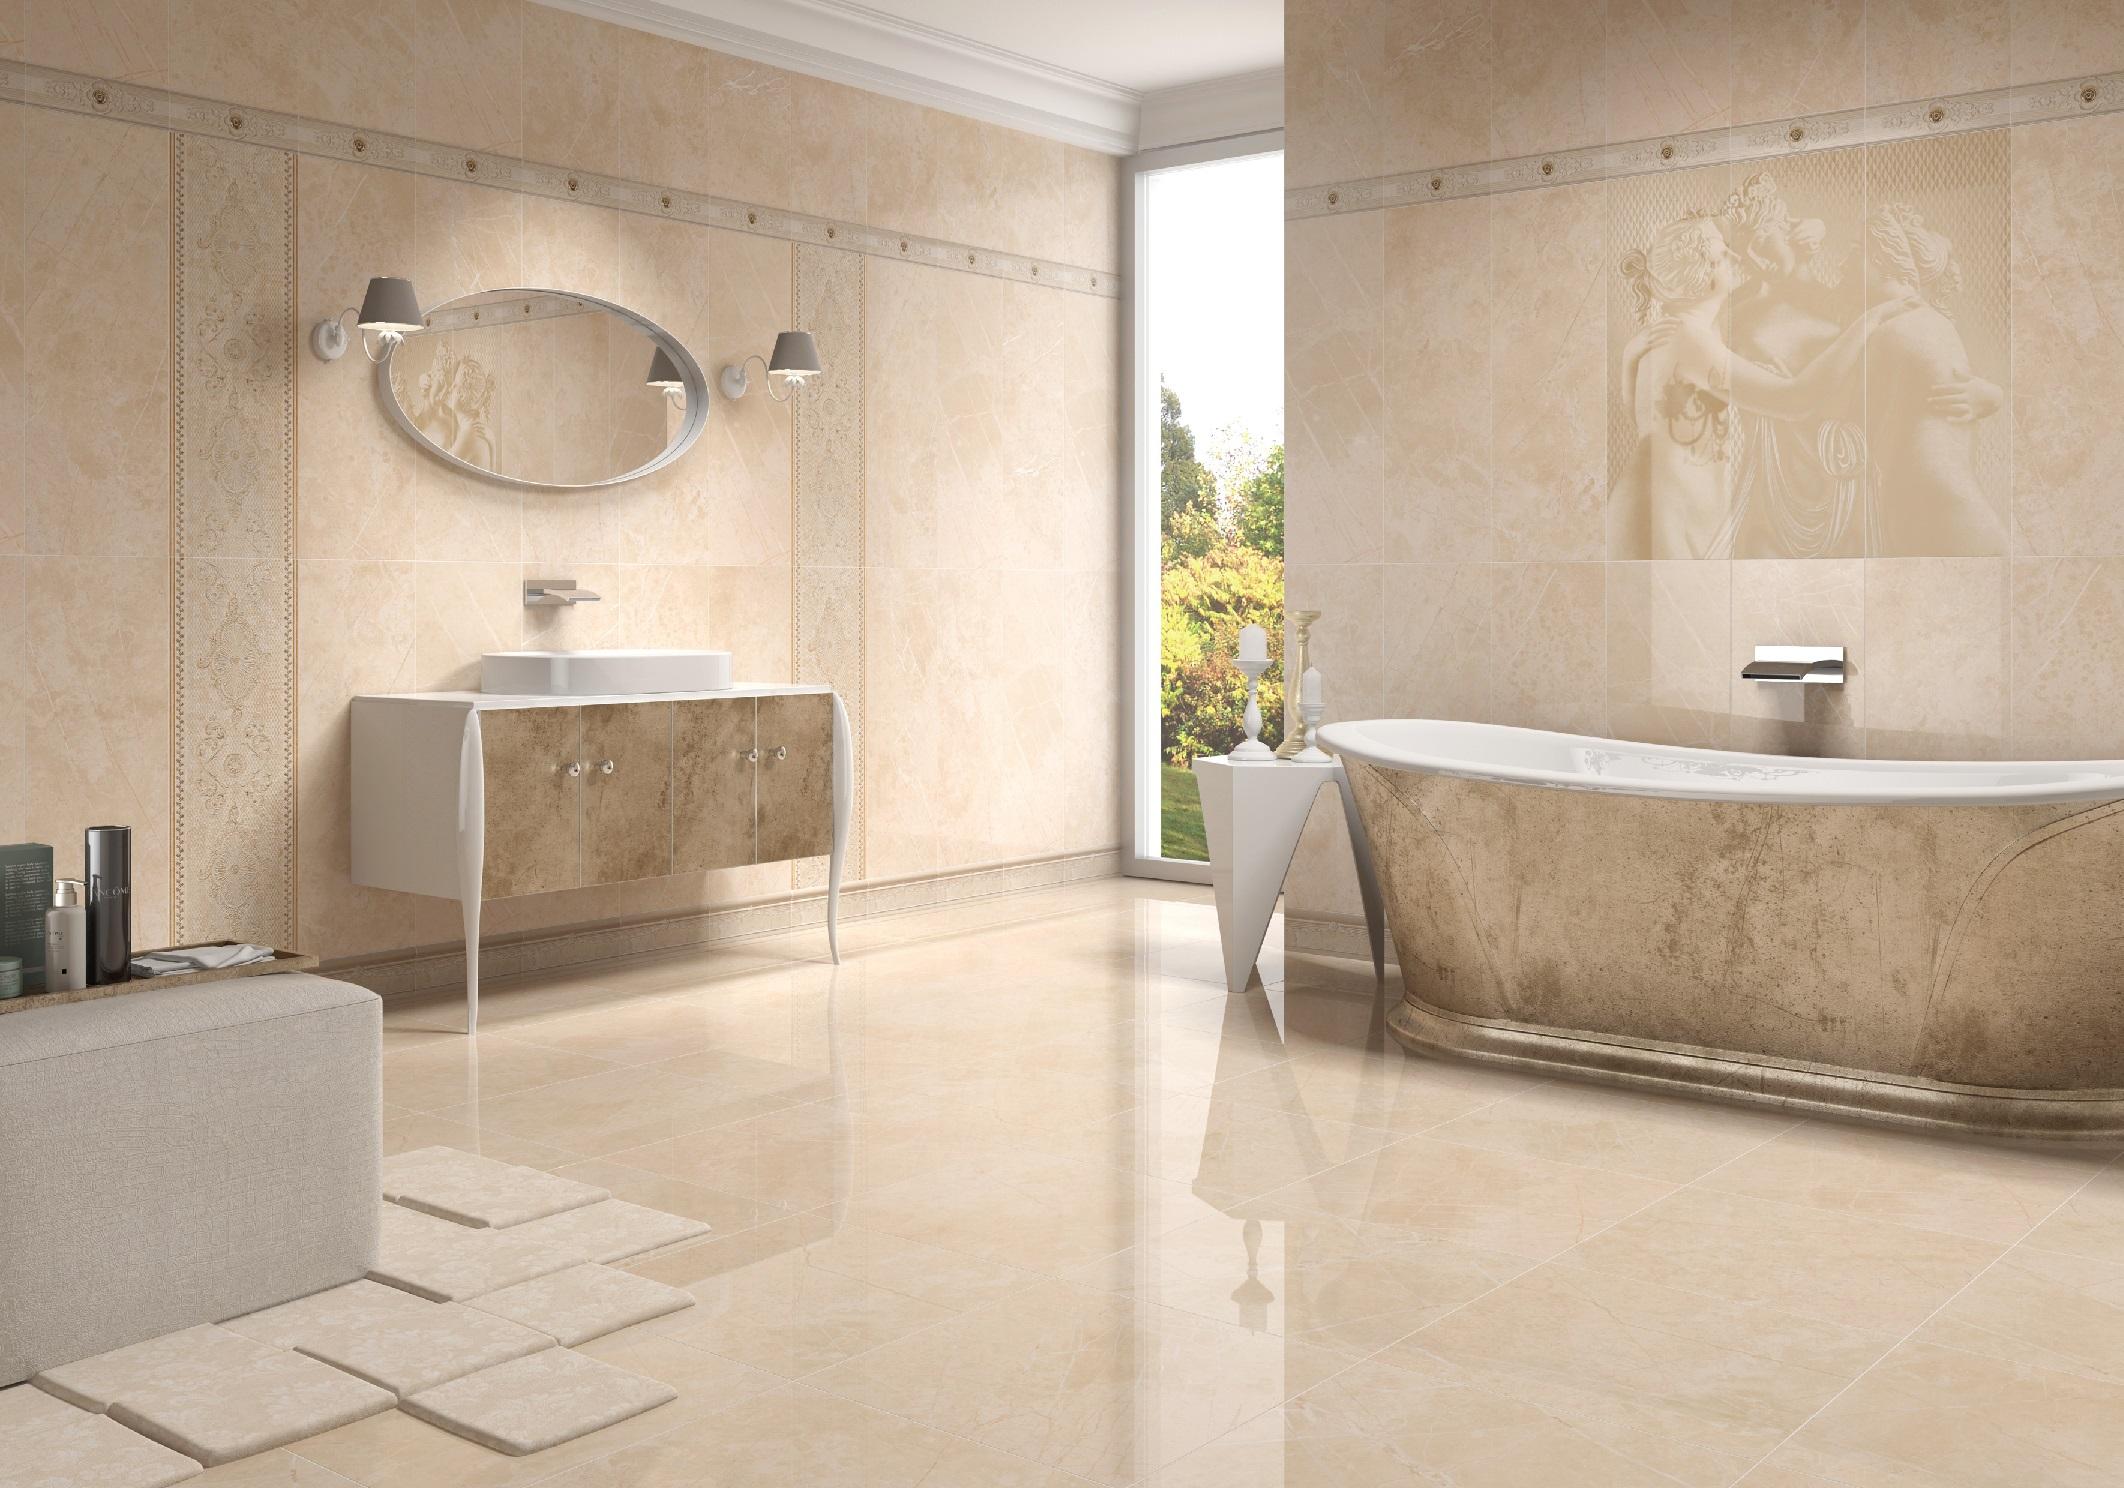 Глянцевый пол в интерьере ванной